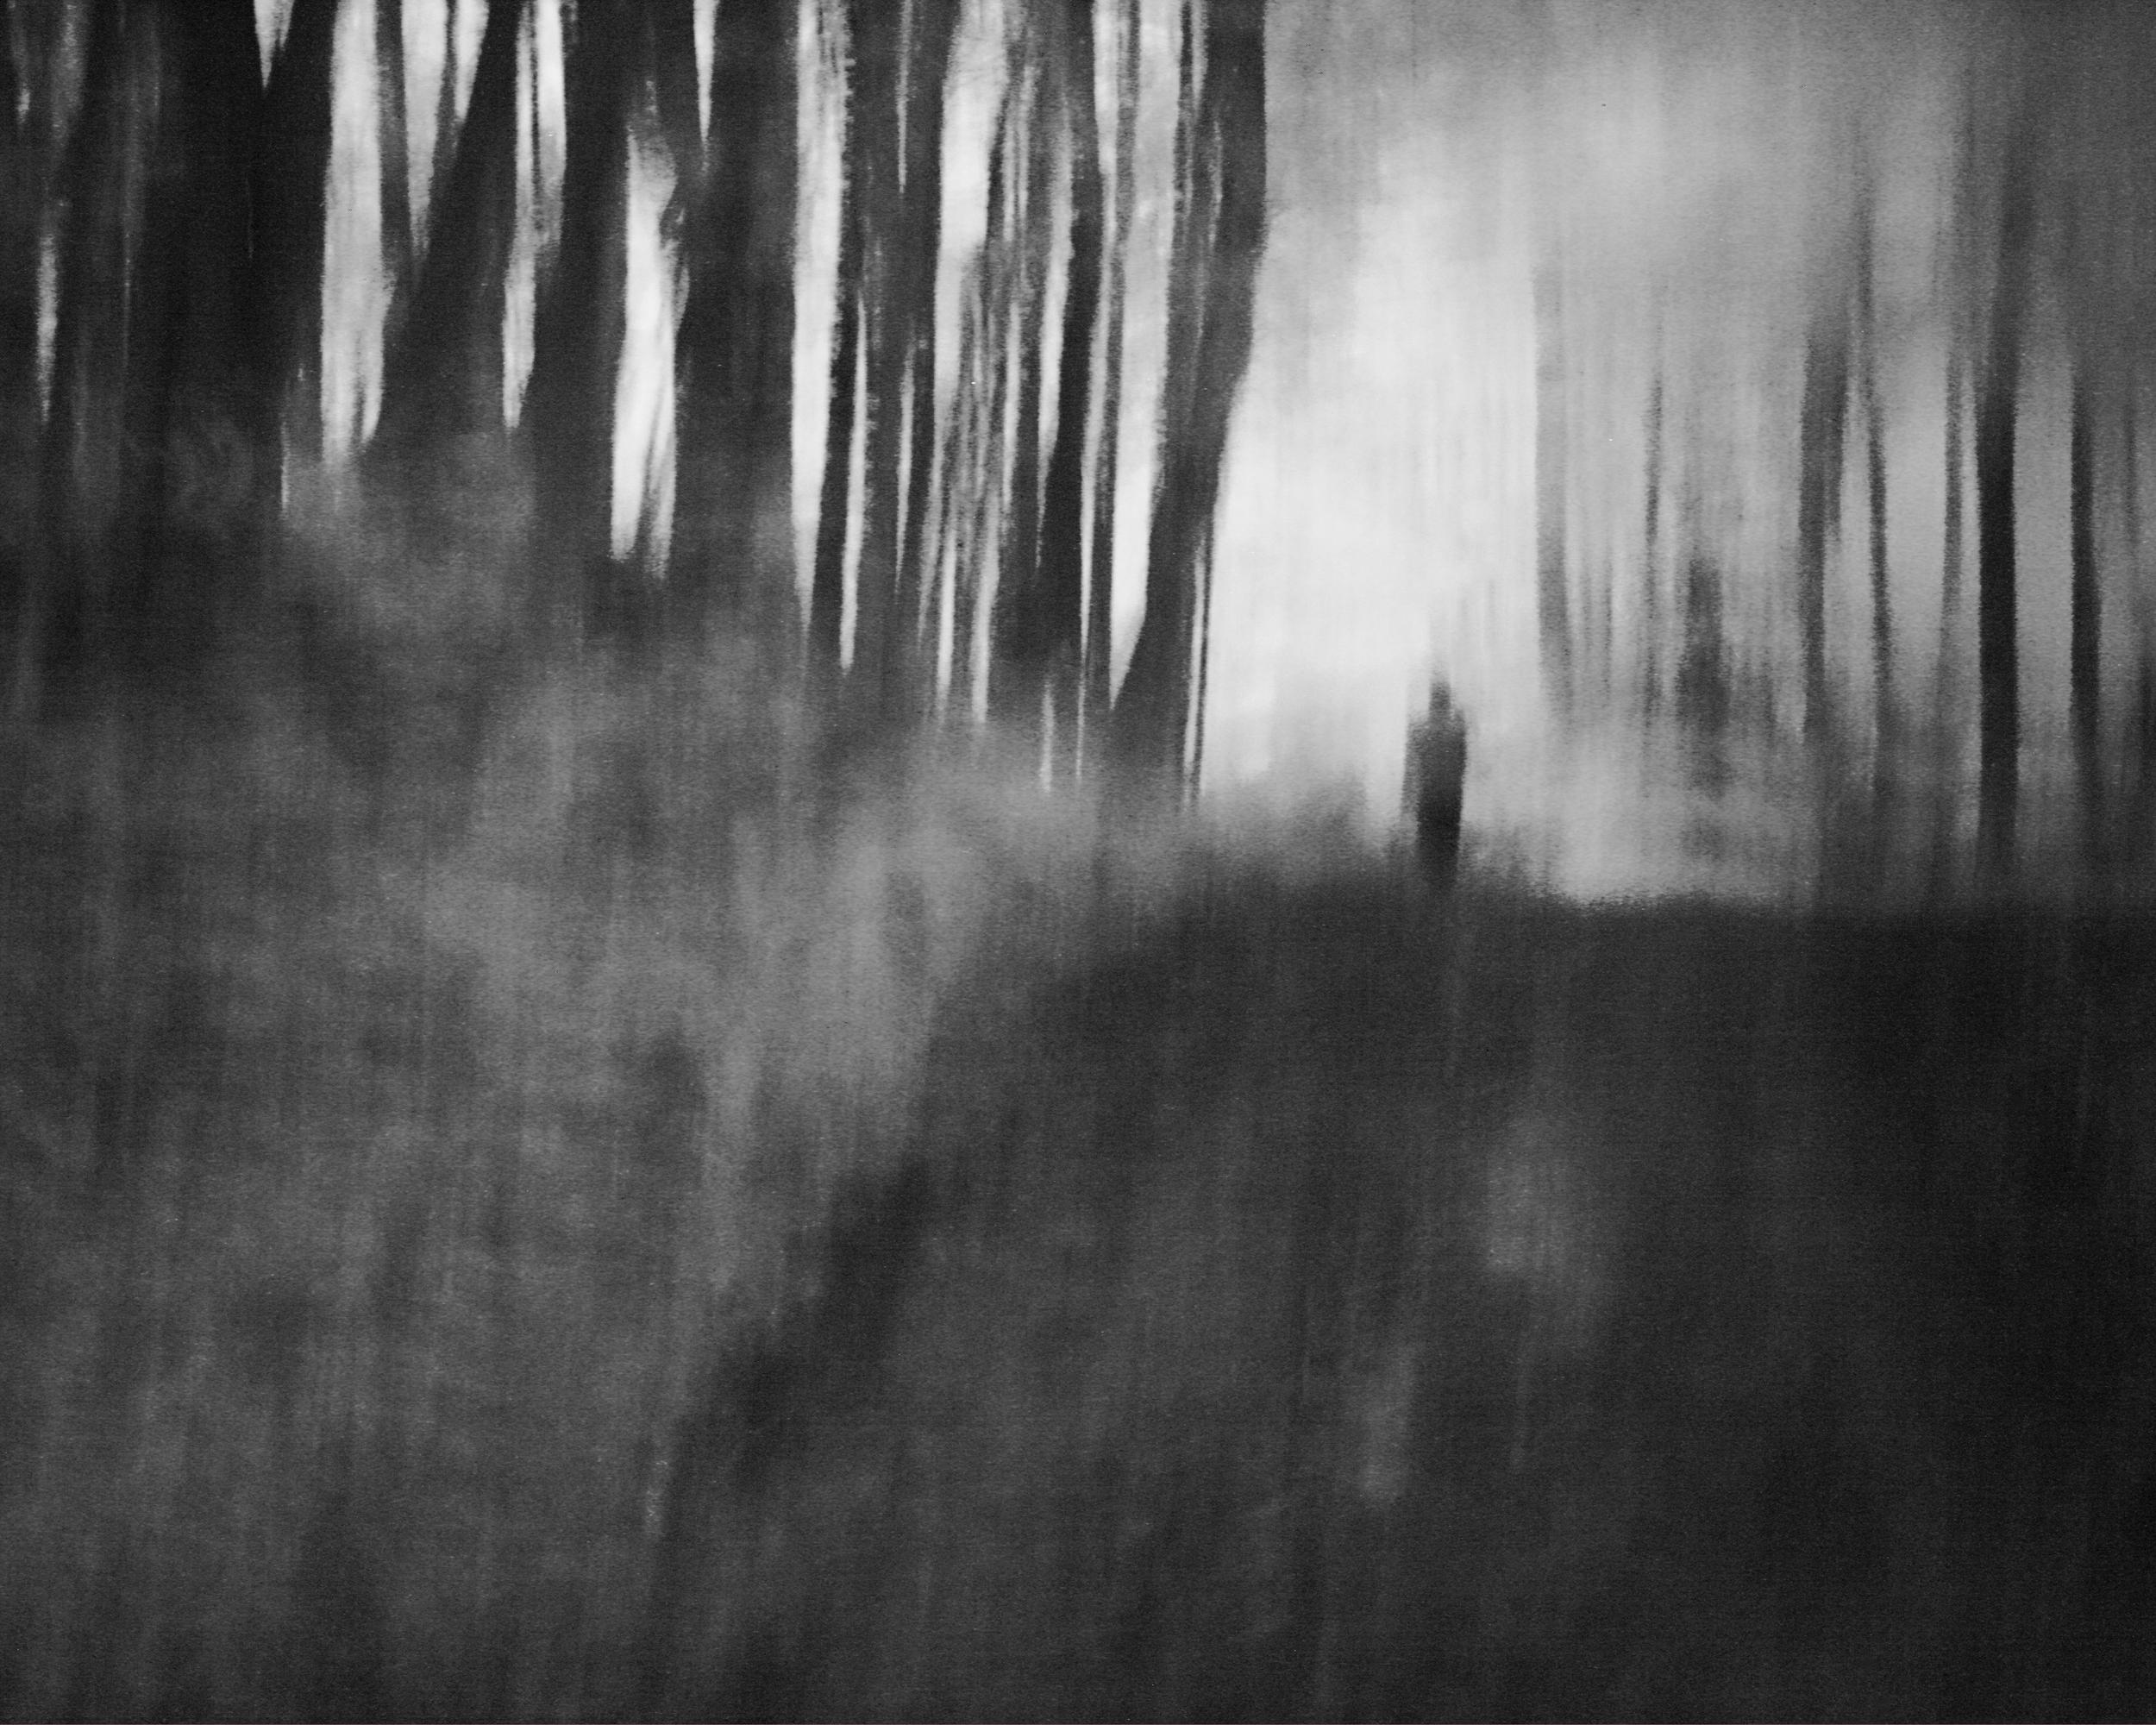 walkinwoods(8x10).JPG